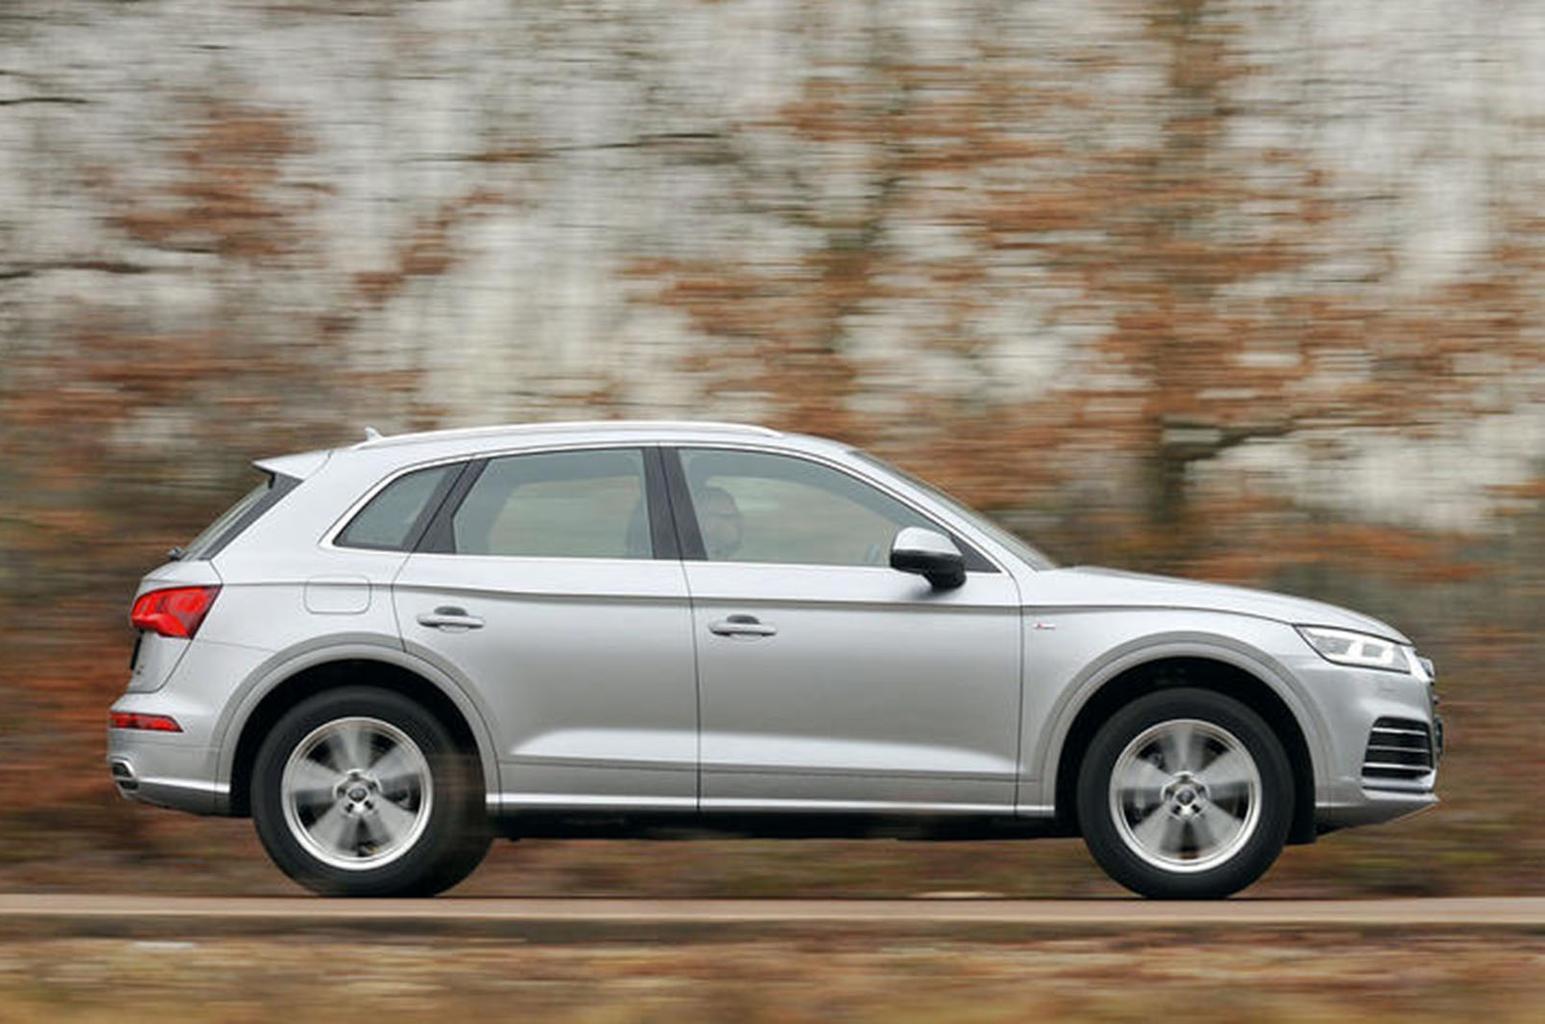 Used Audi Q5 17-present